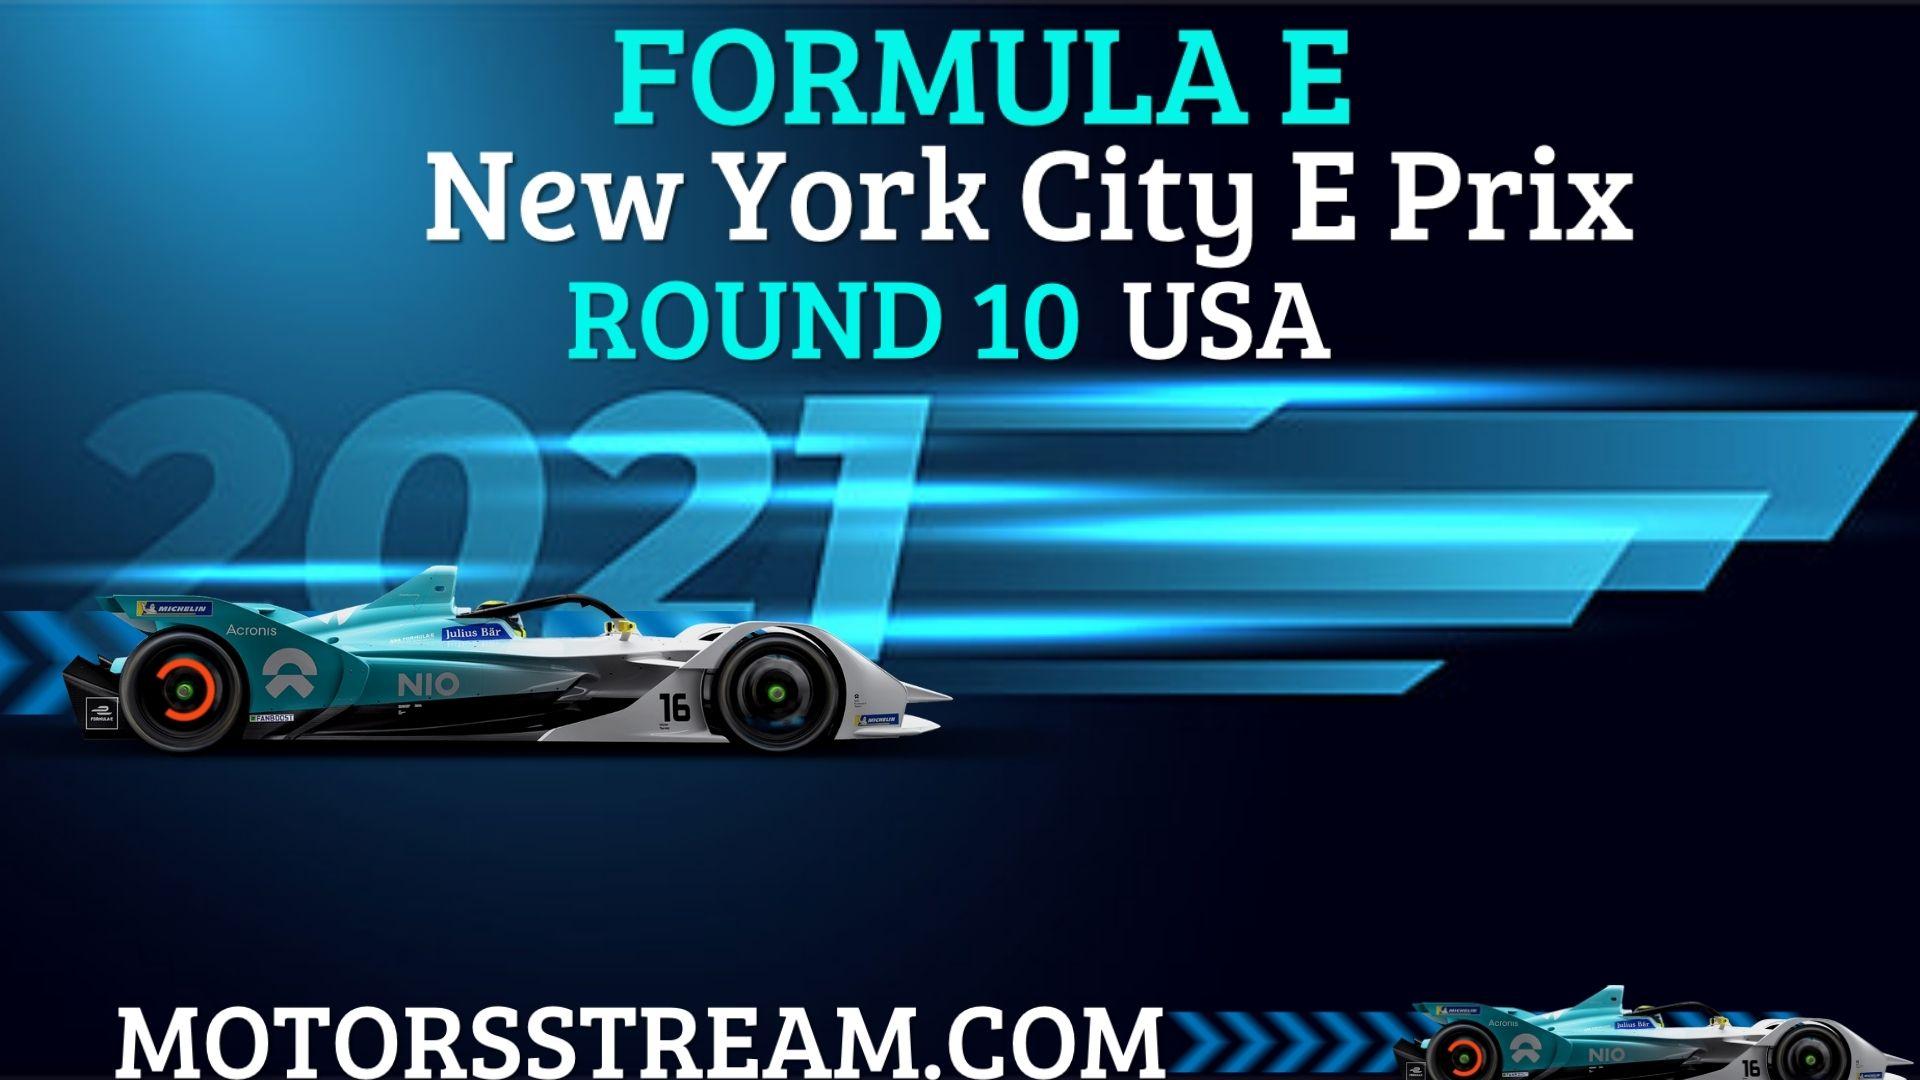 New York City E Prix Round 10 Live Stream 2021 | Formula E